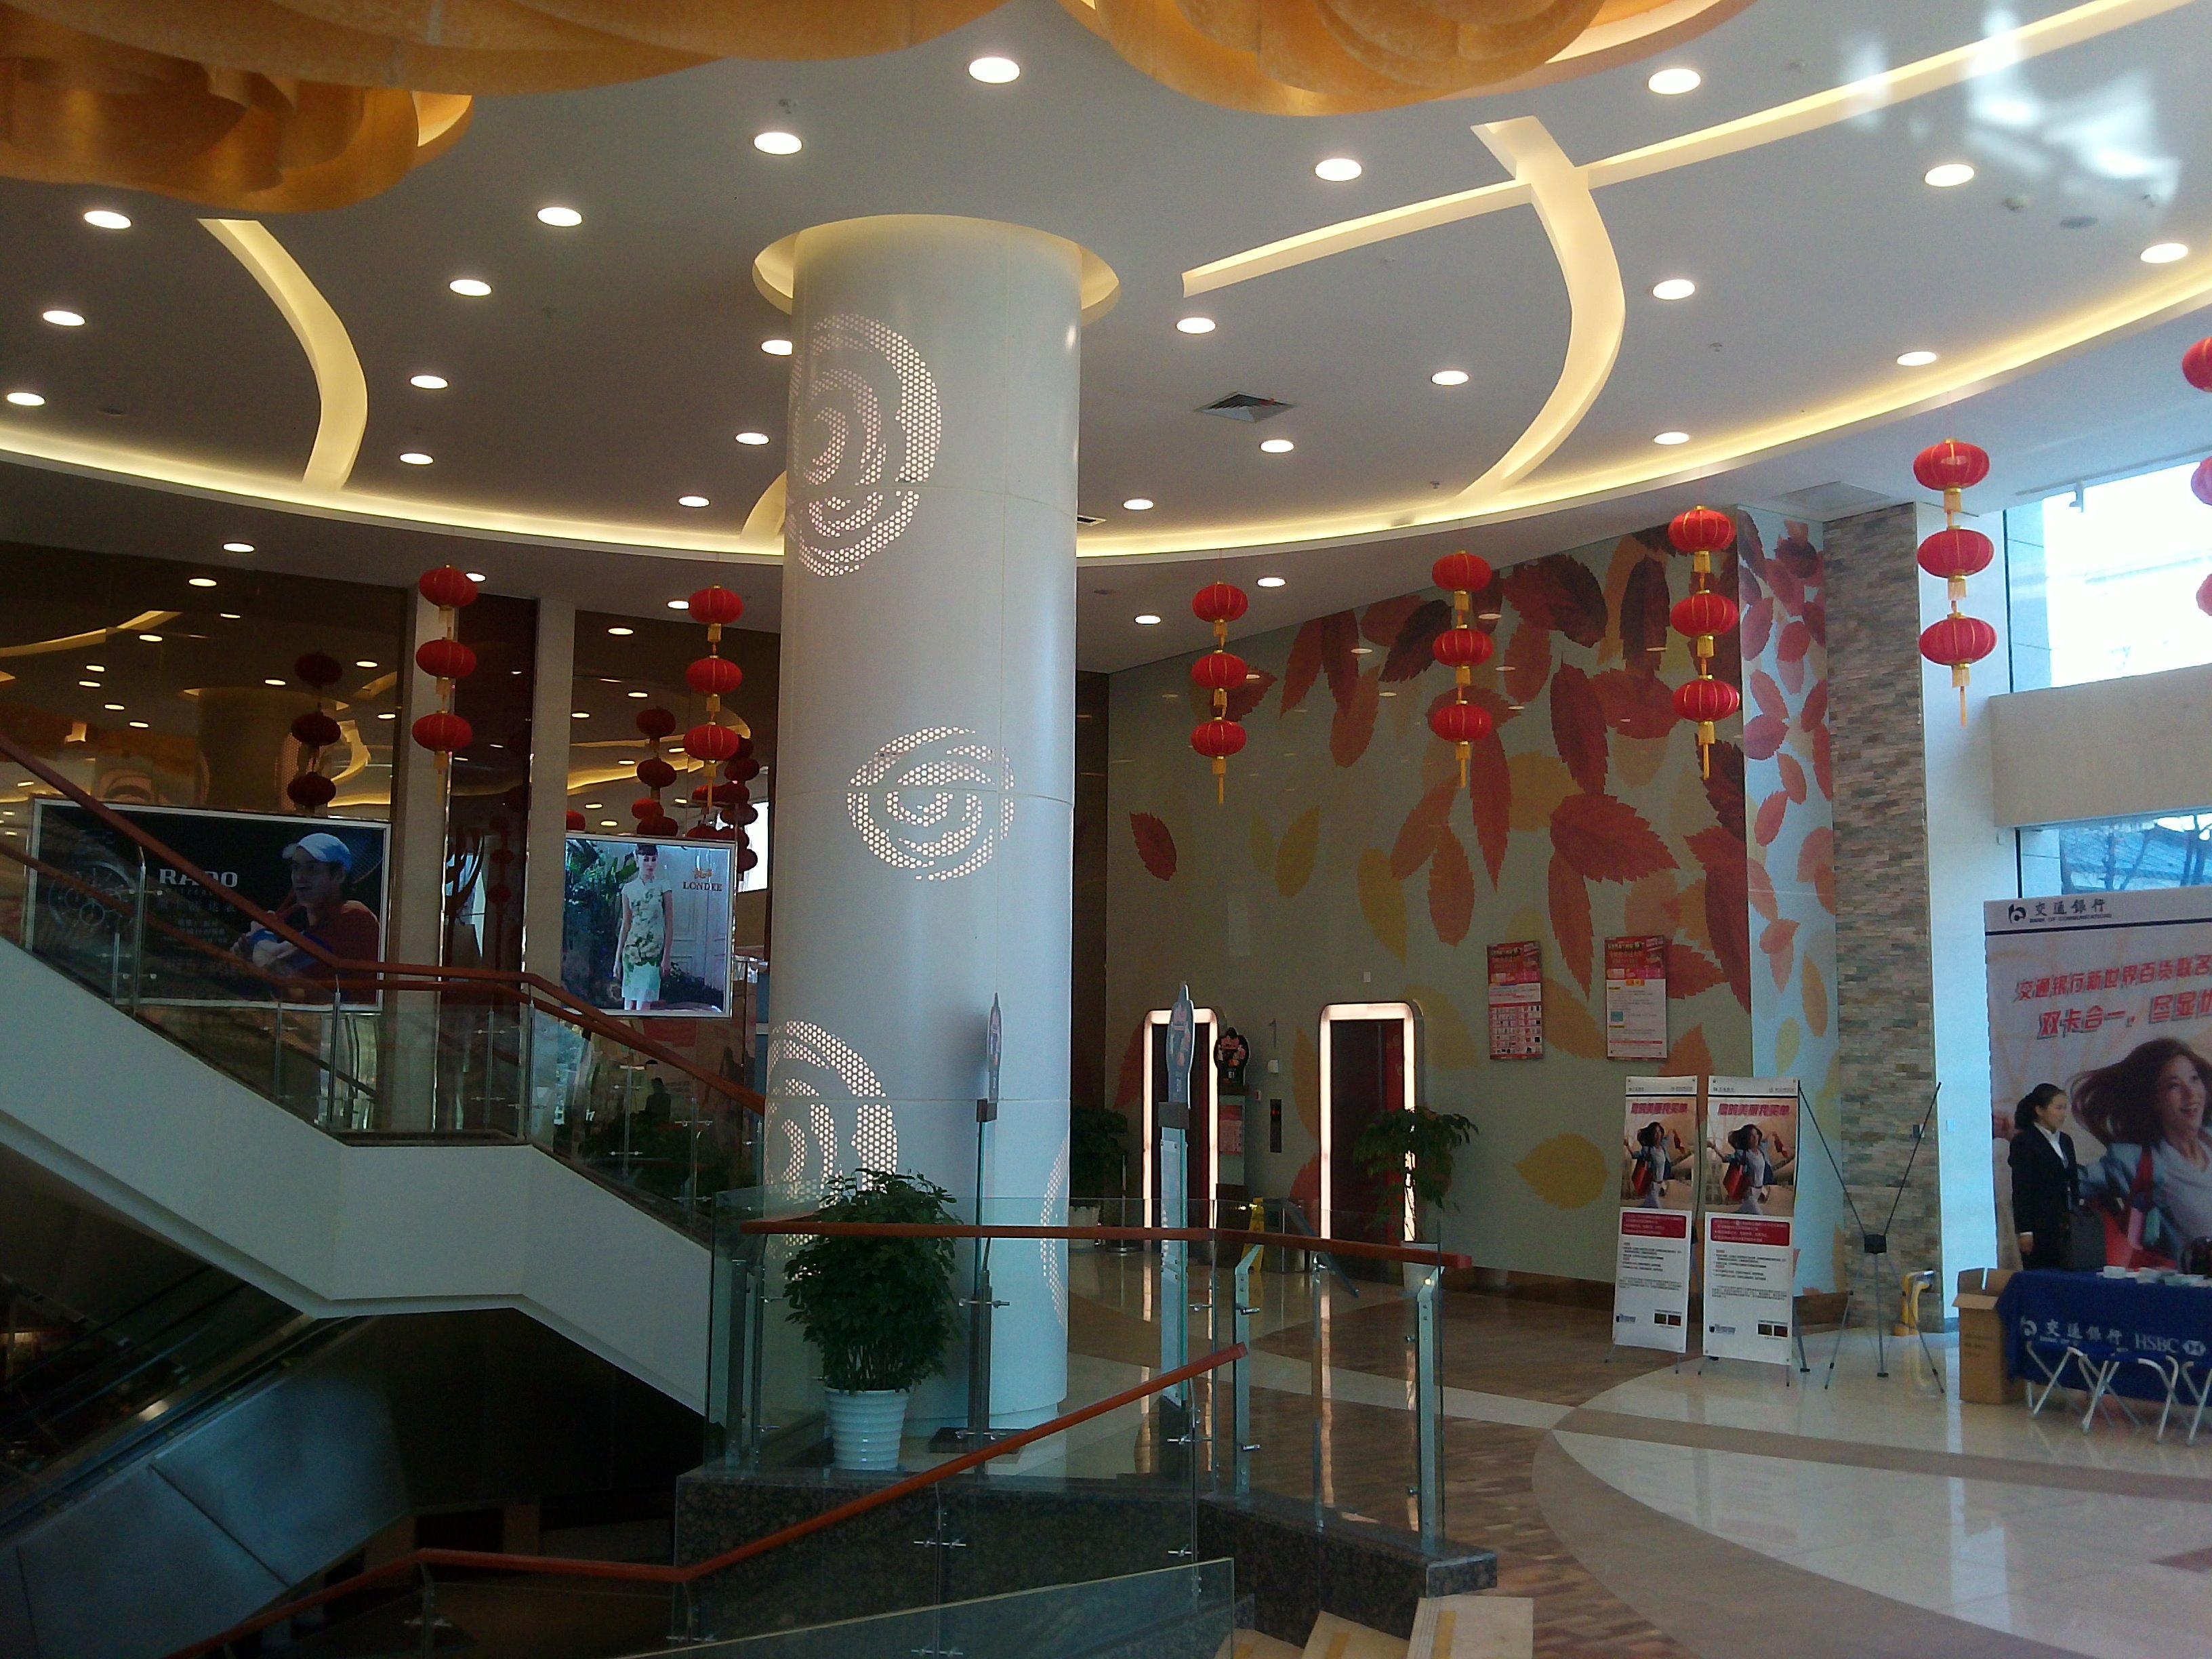 名称:西安香港新世界百货 面积:1000多平米 使用产品:即时贴  颜色:制作成红色枫叶图案 目的:使商场色彩更加丰满立体,提升商场品位。